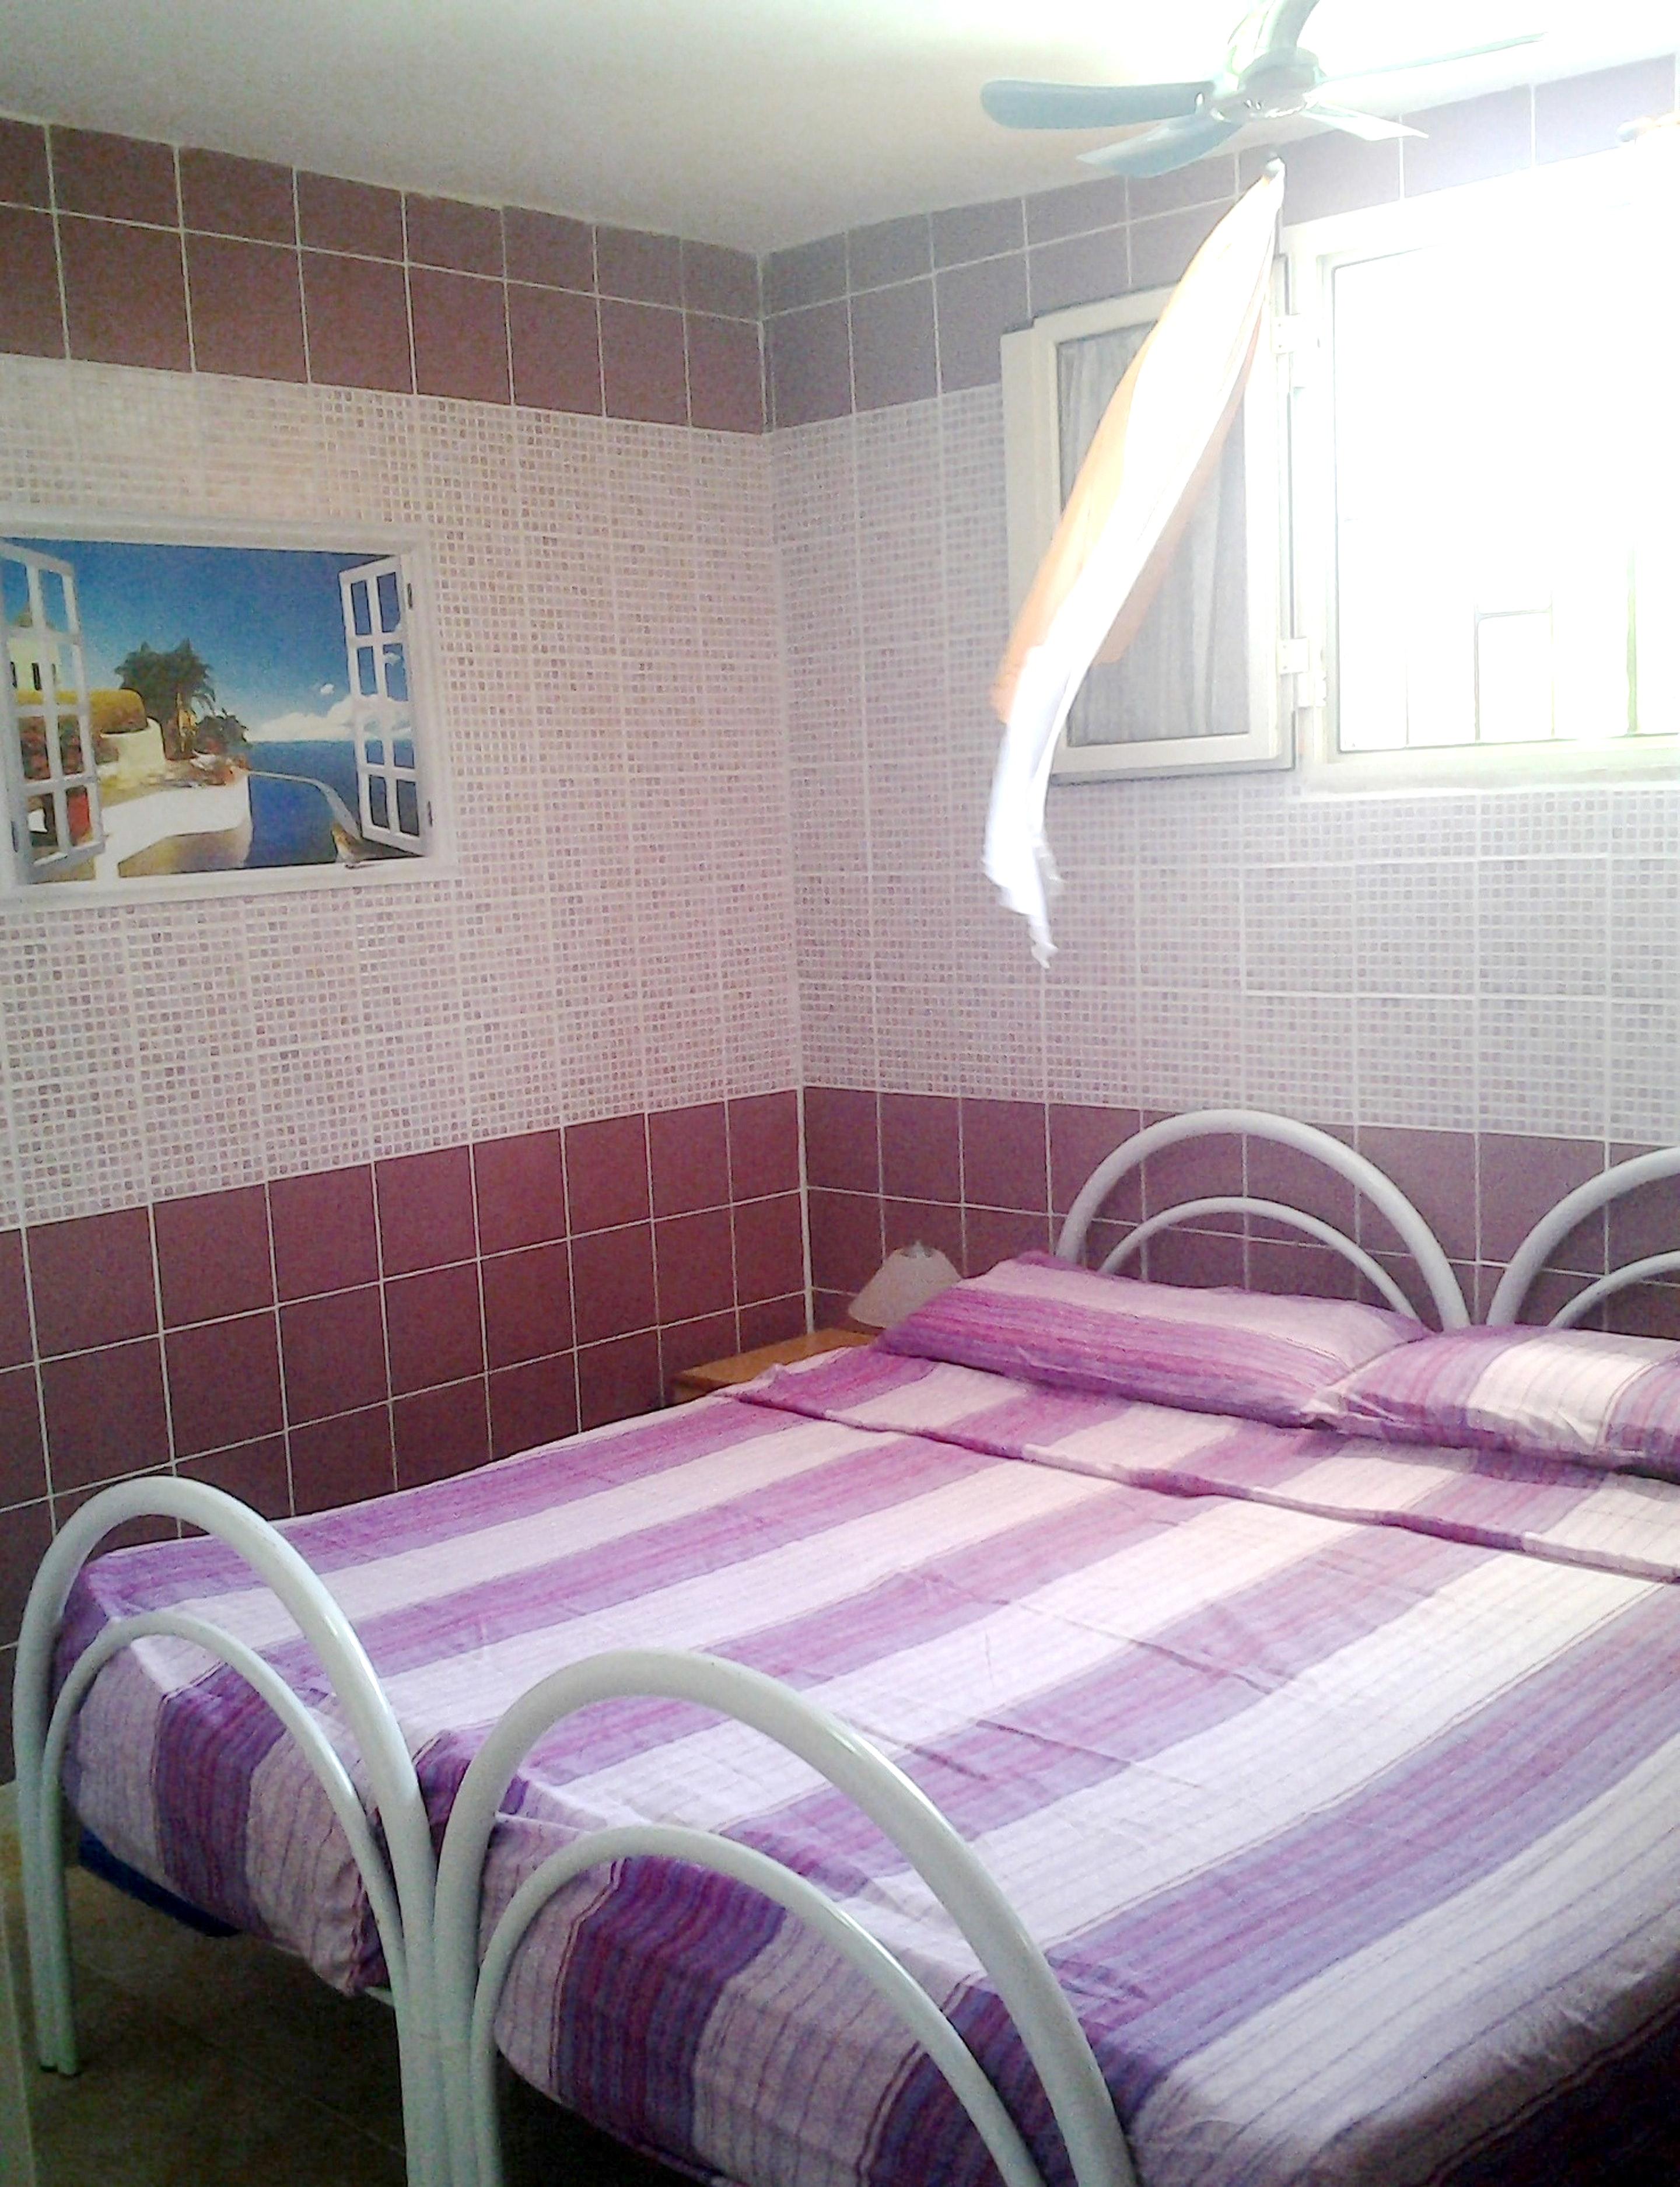 Ferienhaus Haus mit 2 Schlafzimmern in Porto Cesareo (Lecce) mit Pool, möbliertem Garten und W-LAN (2201032), Porto Cesareo, Lecce, Apulien, Italien, Bild 12